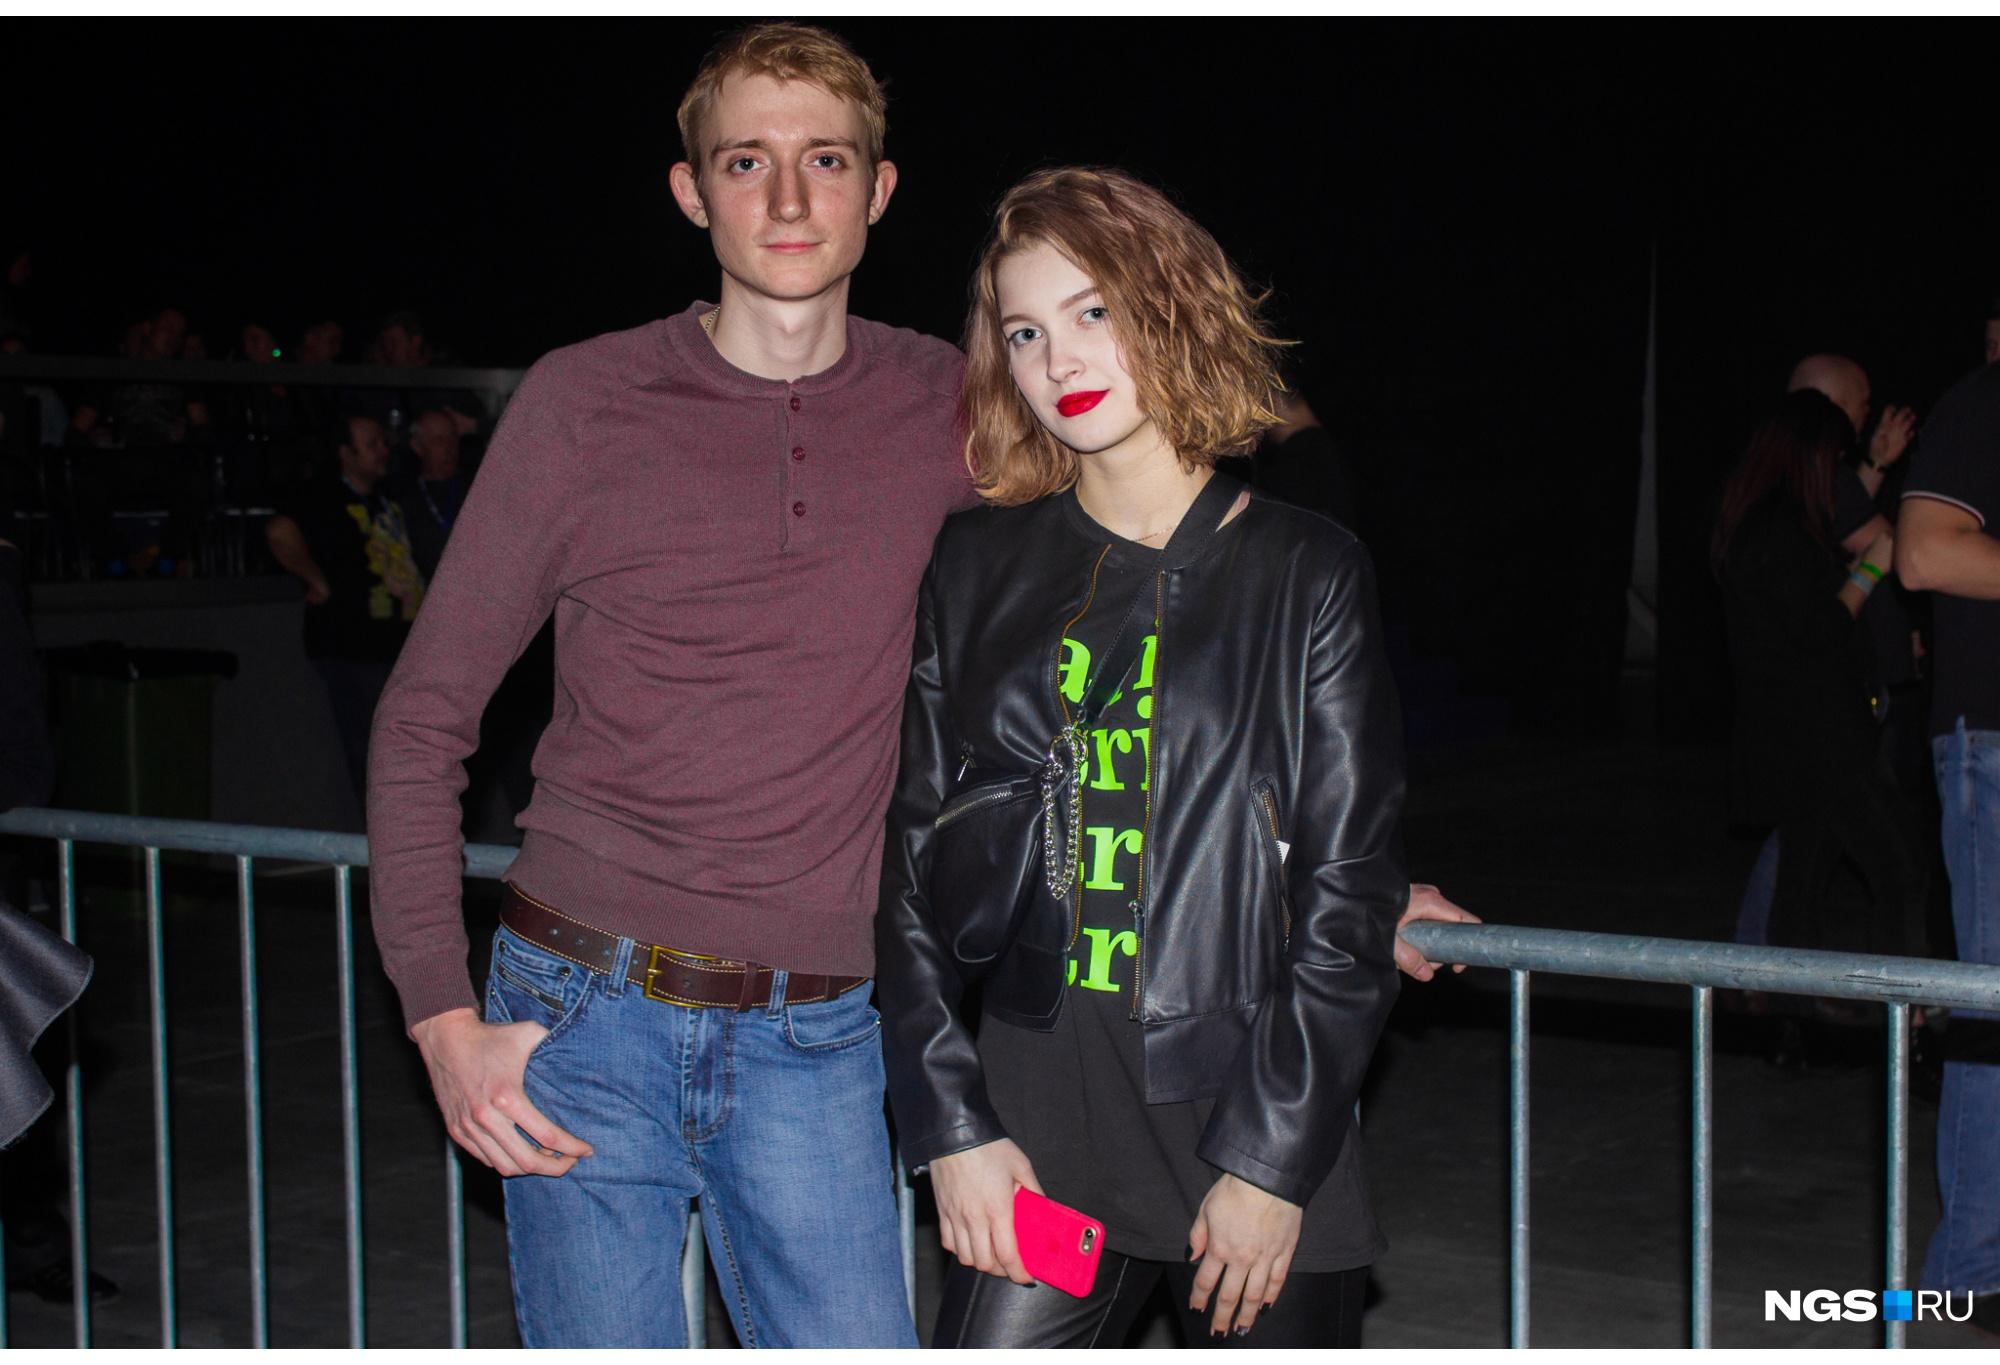 Ксения и Денис приехали на концерт из Красноярска